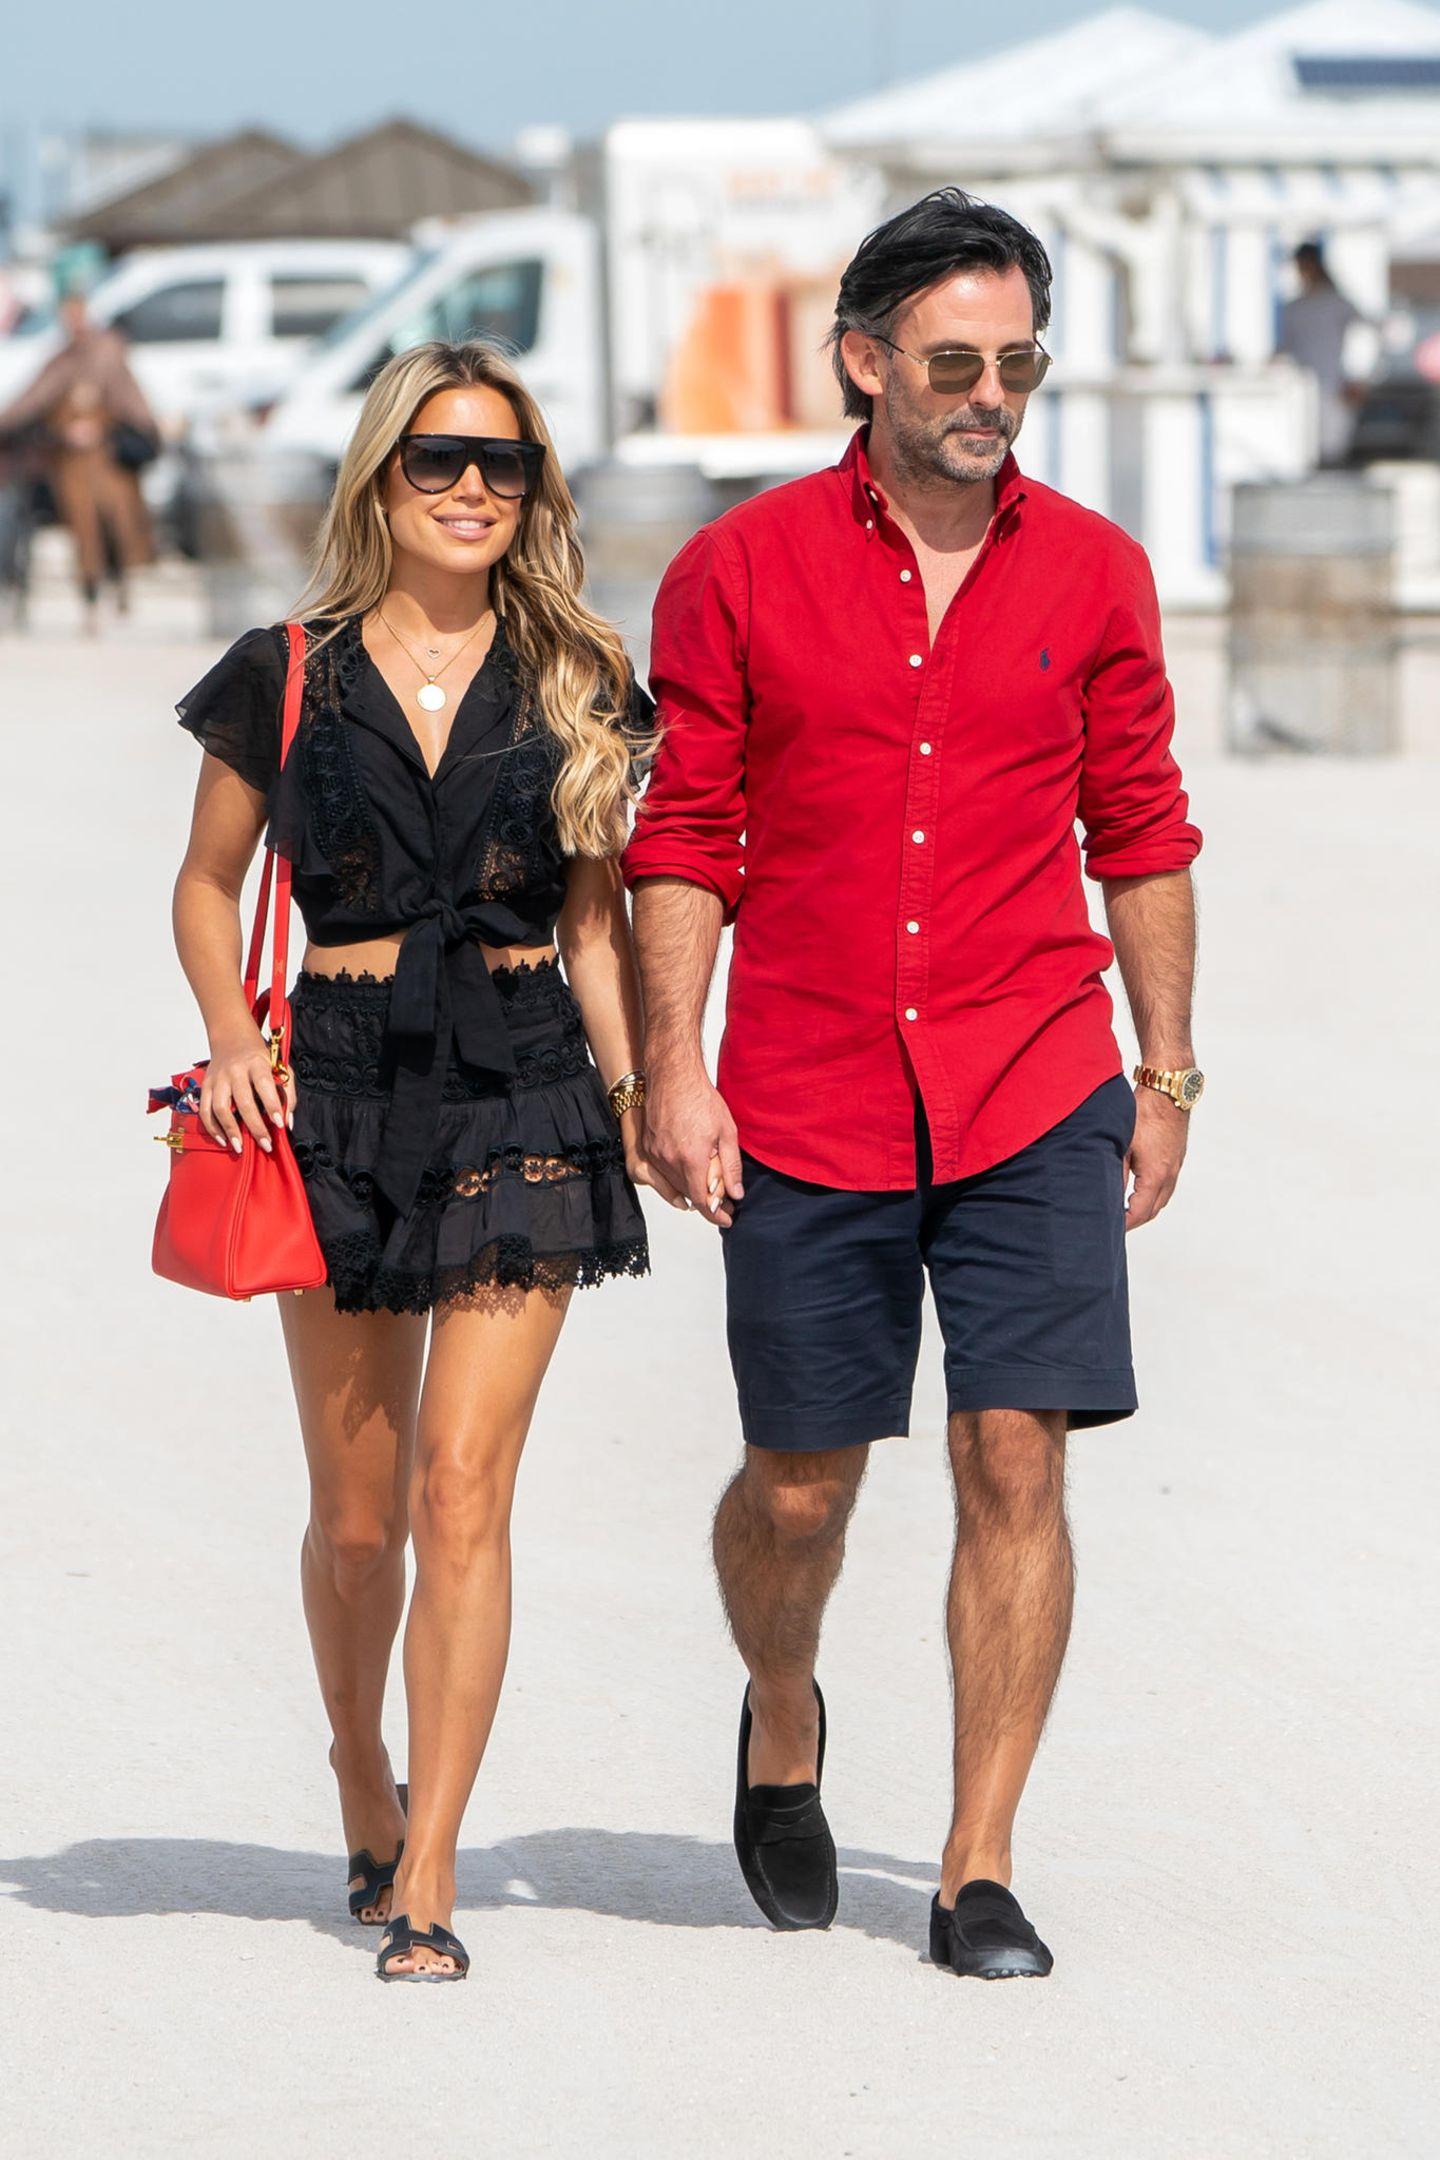 Sylvie Meis und ihr Verlobter, Künstler Niclas Castello, verbringen Anfang Dezember ihre Zeit lieber im sonnigen Miami stattim kalten Hamburg. Entsprechend sommerlich sind auch ihre Outfits, die ganz offensichtlich aufeinander abgestimmt sind und vermutlich ein verführerisches Kunstwerk von Sylvie sind.